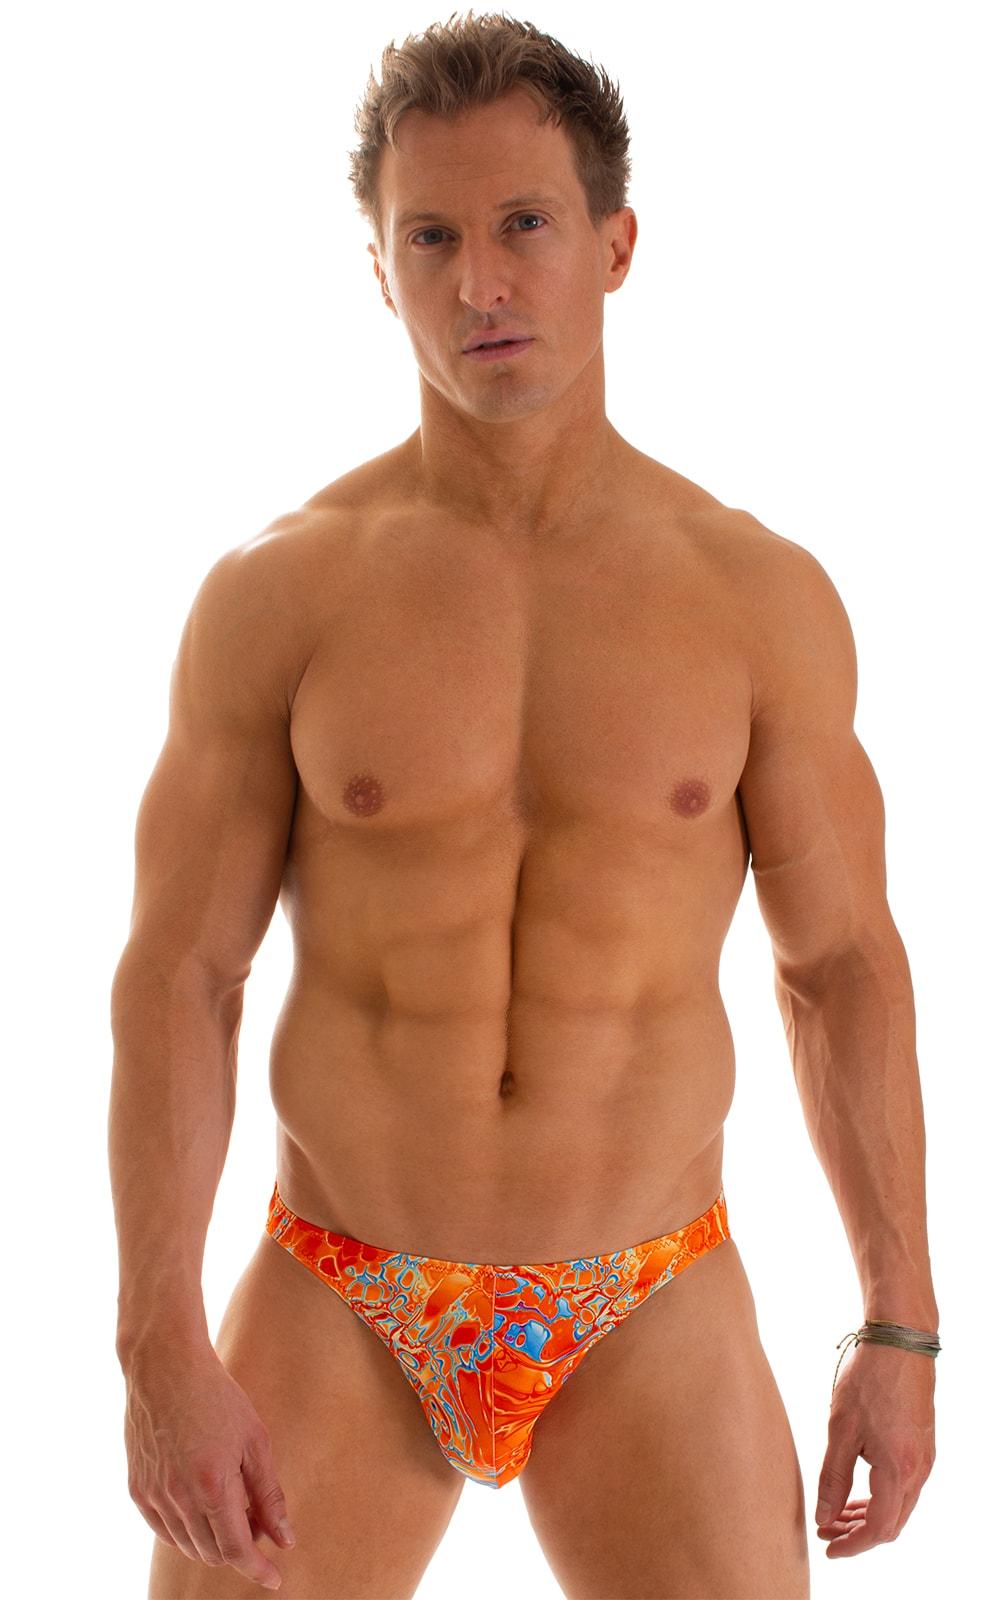 Bikini-Brief Swimsuit in Vapor Wave Orange 1